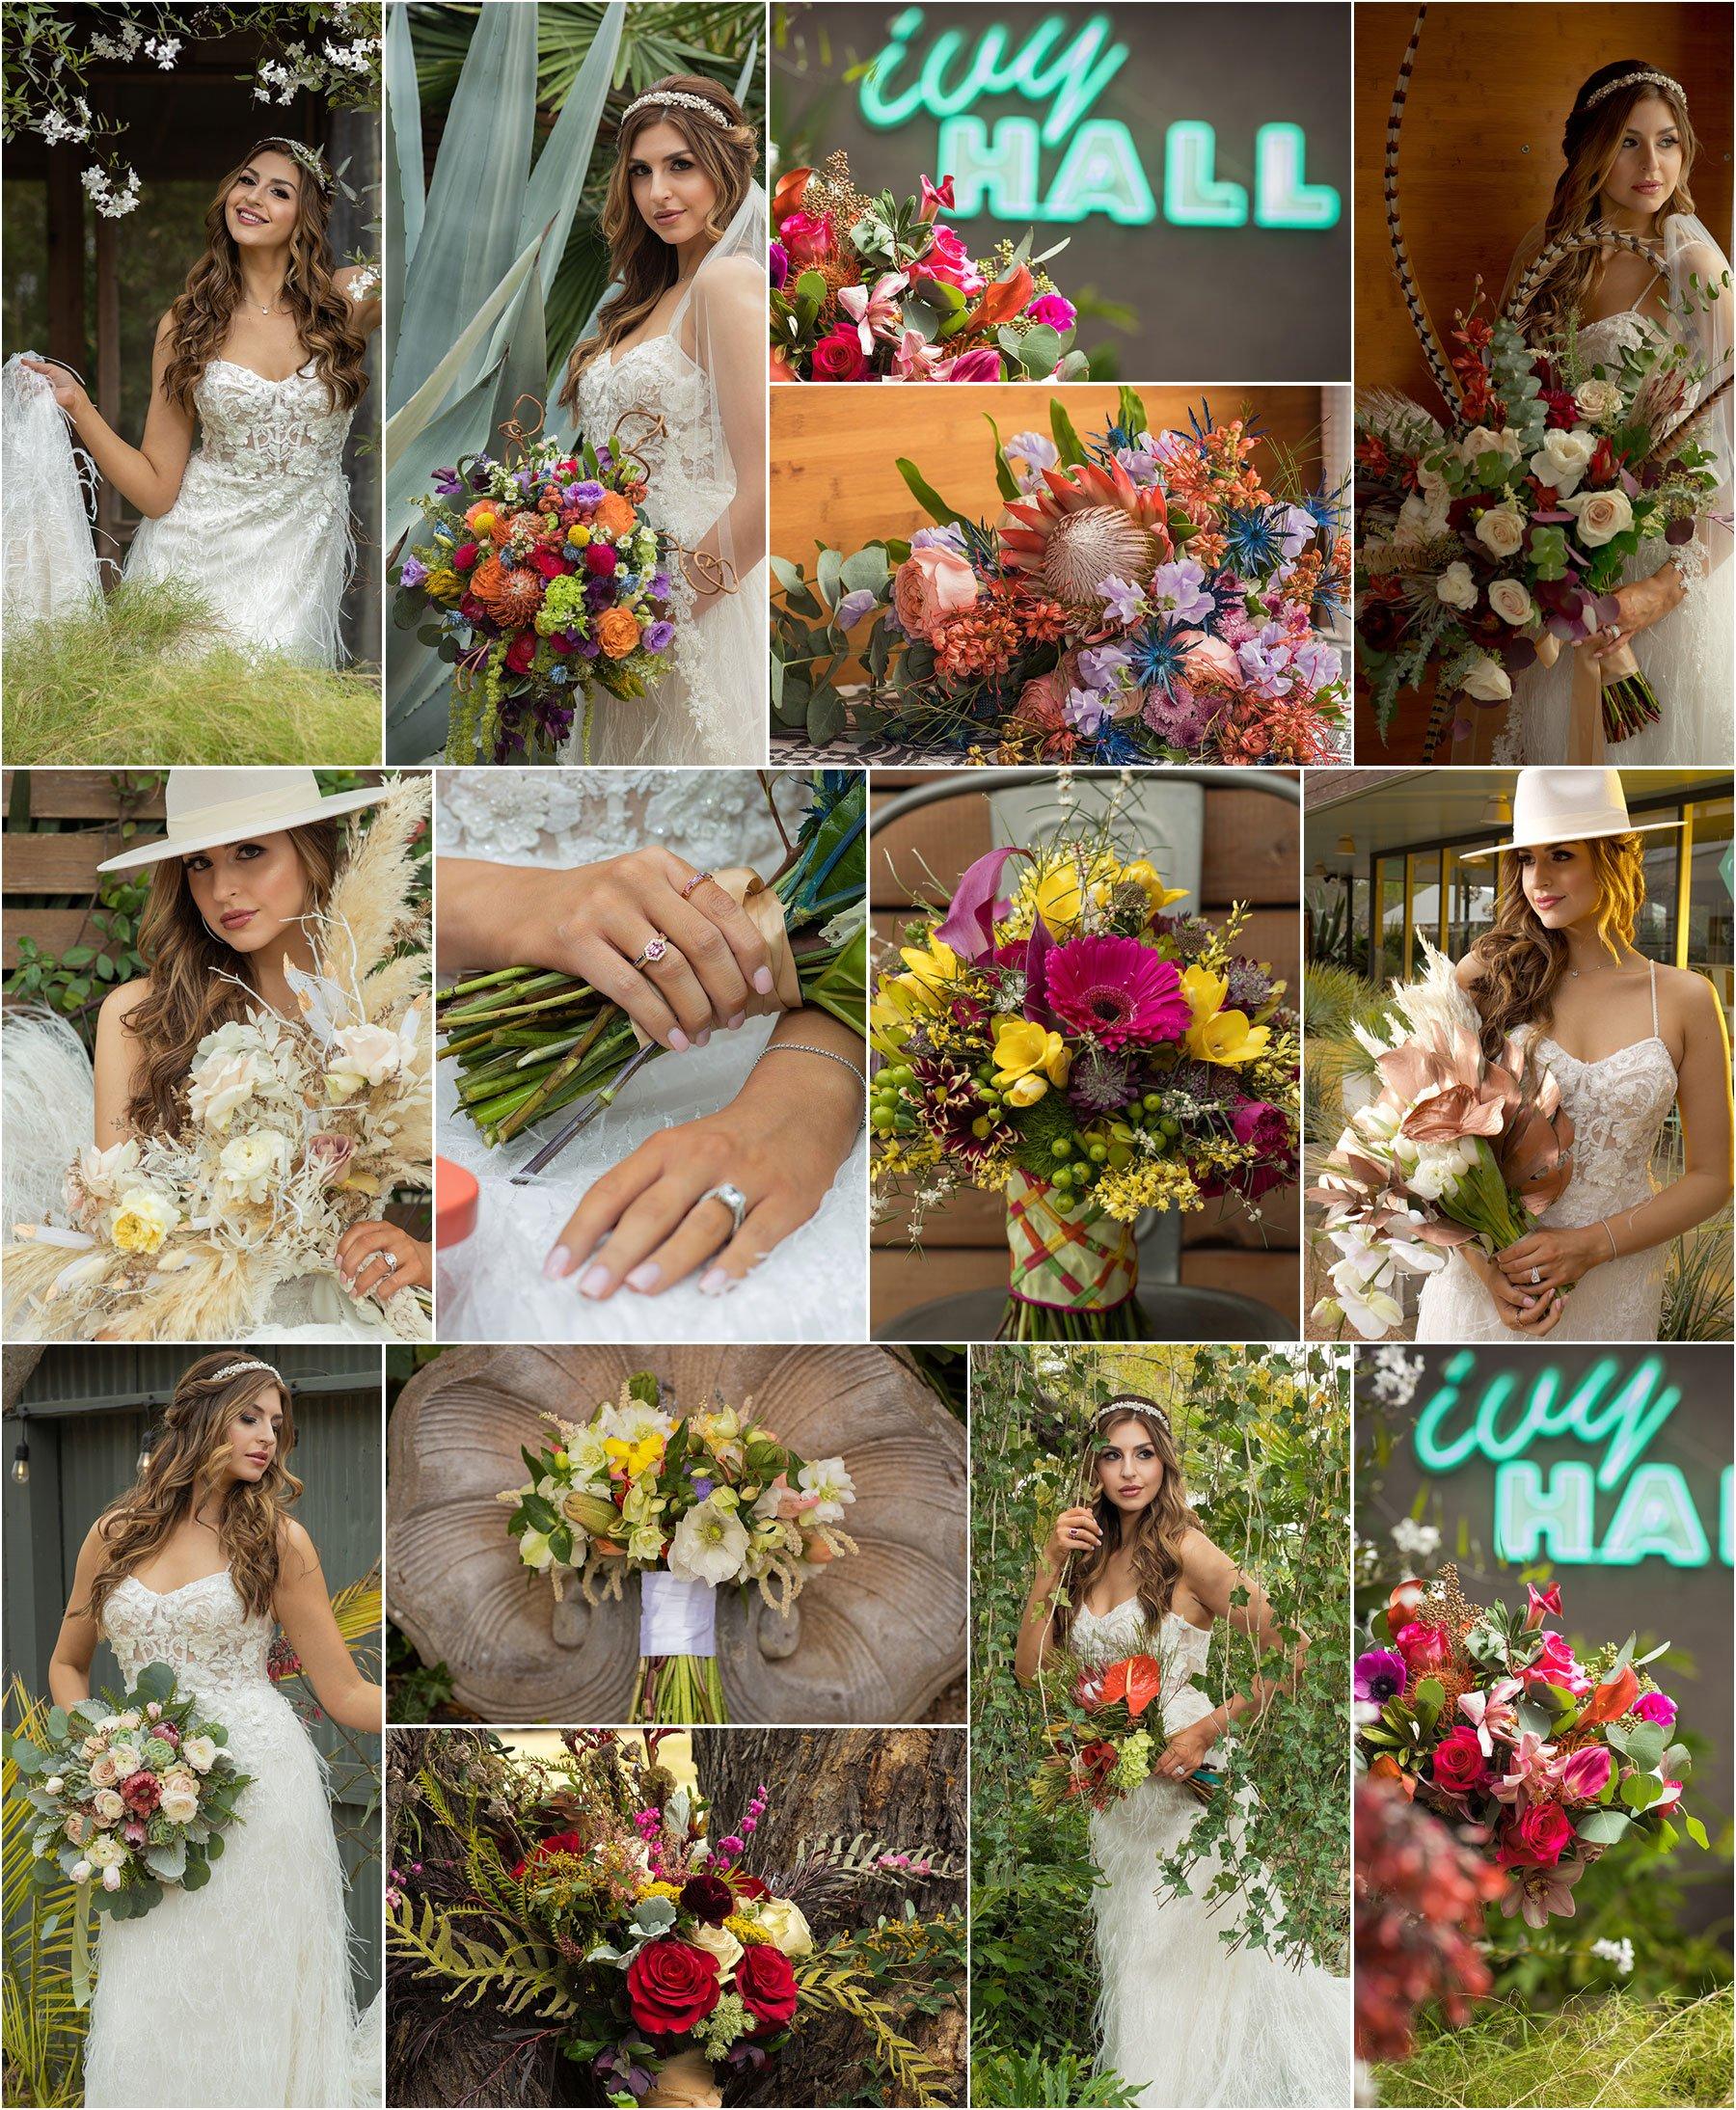 Bridal Bouquet Floral Shoot 2020 - San Antonio Weddings